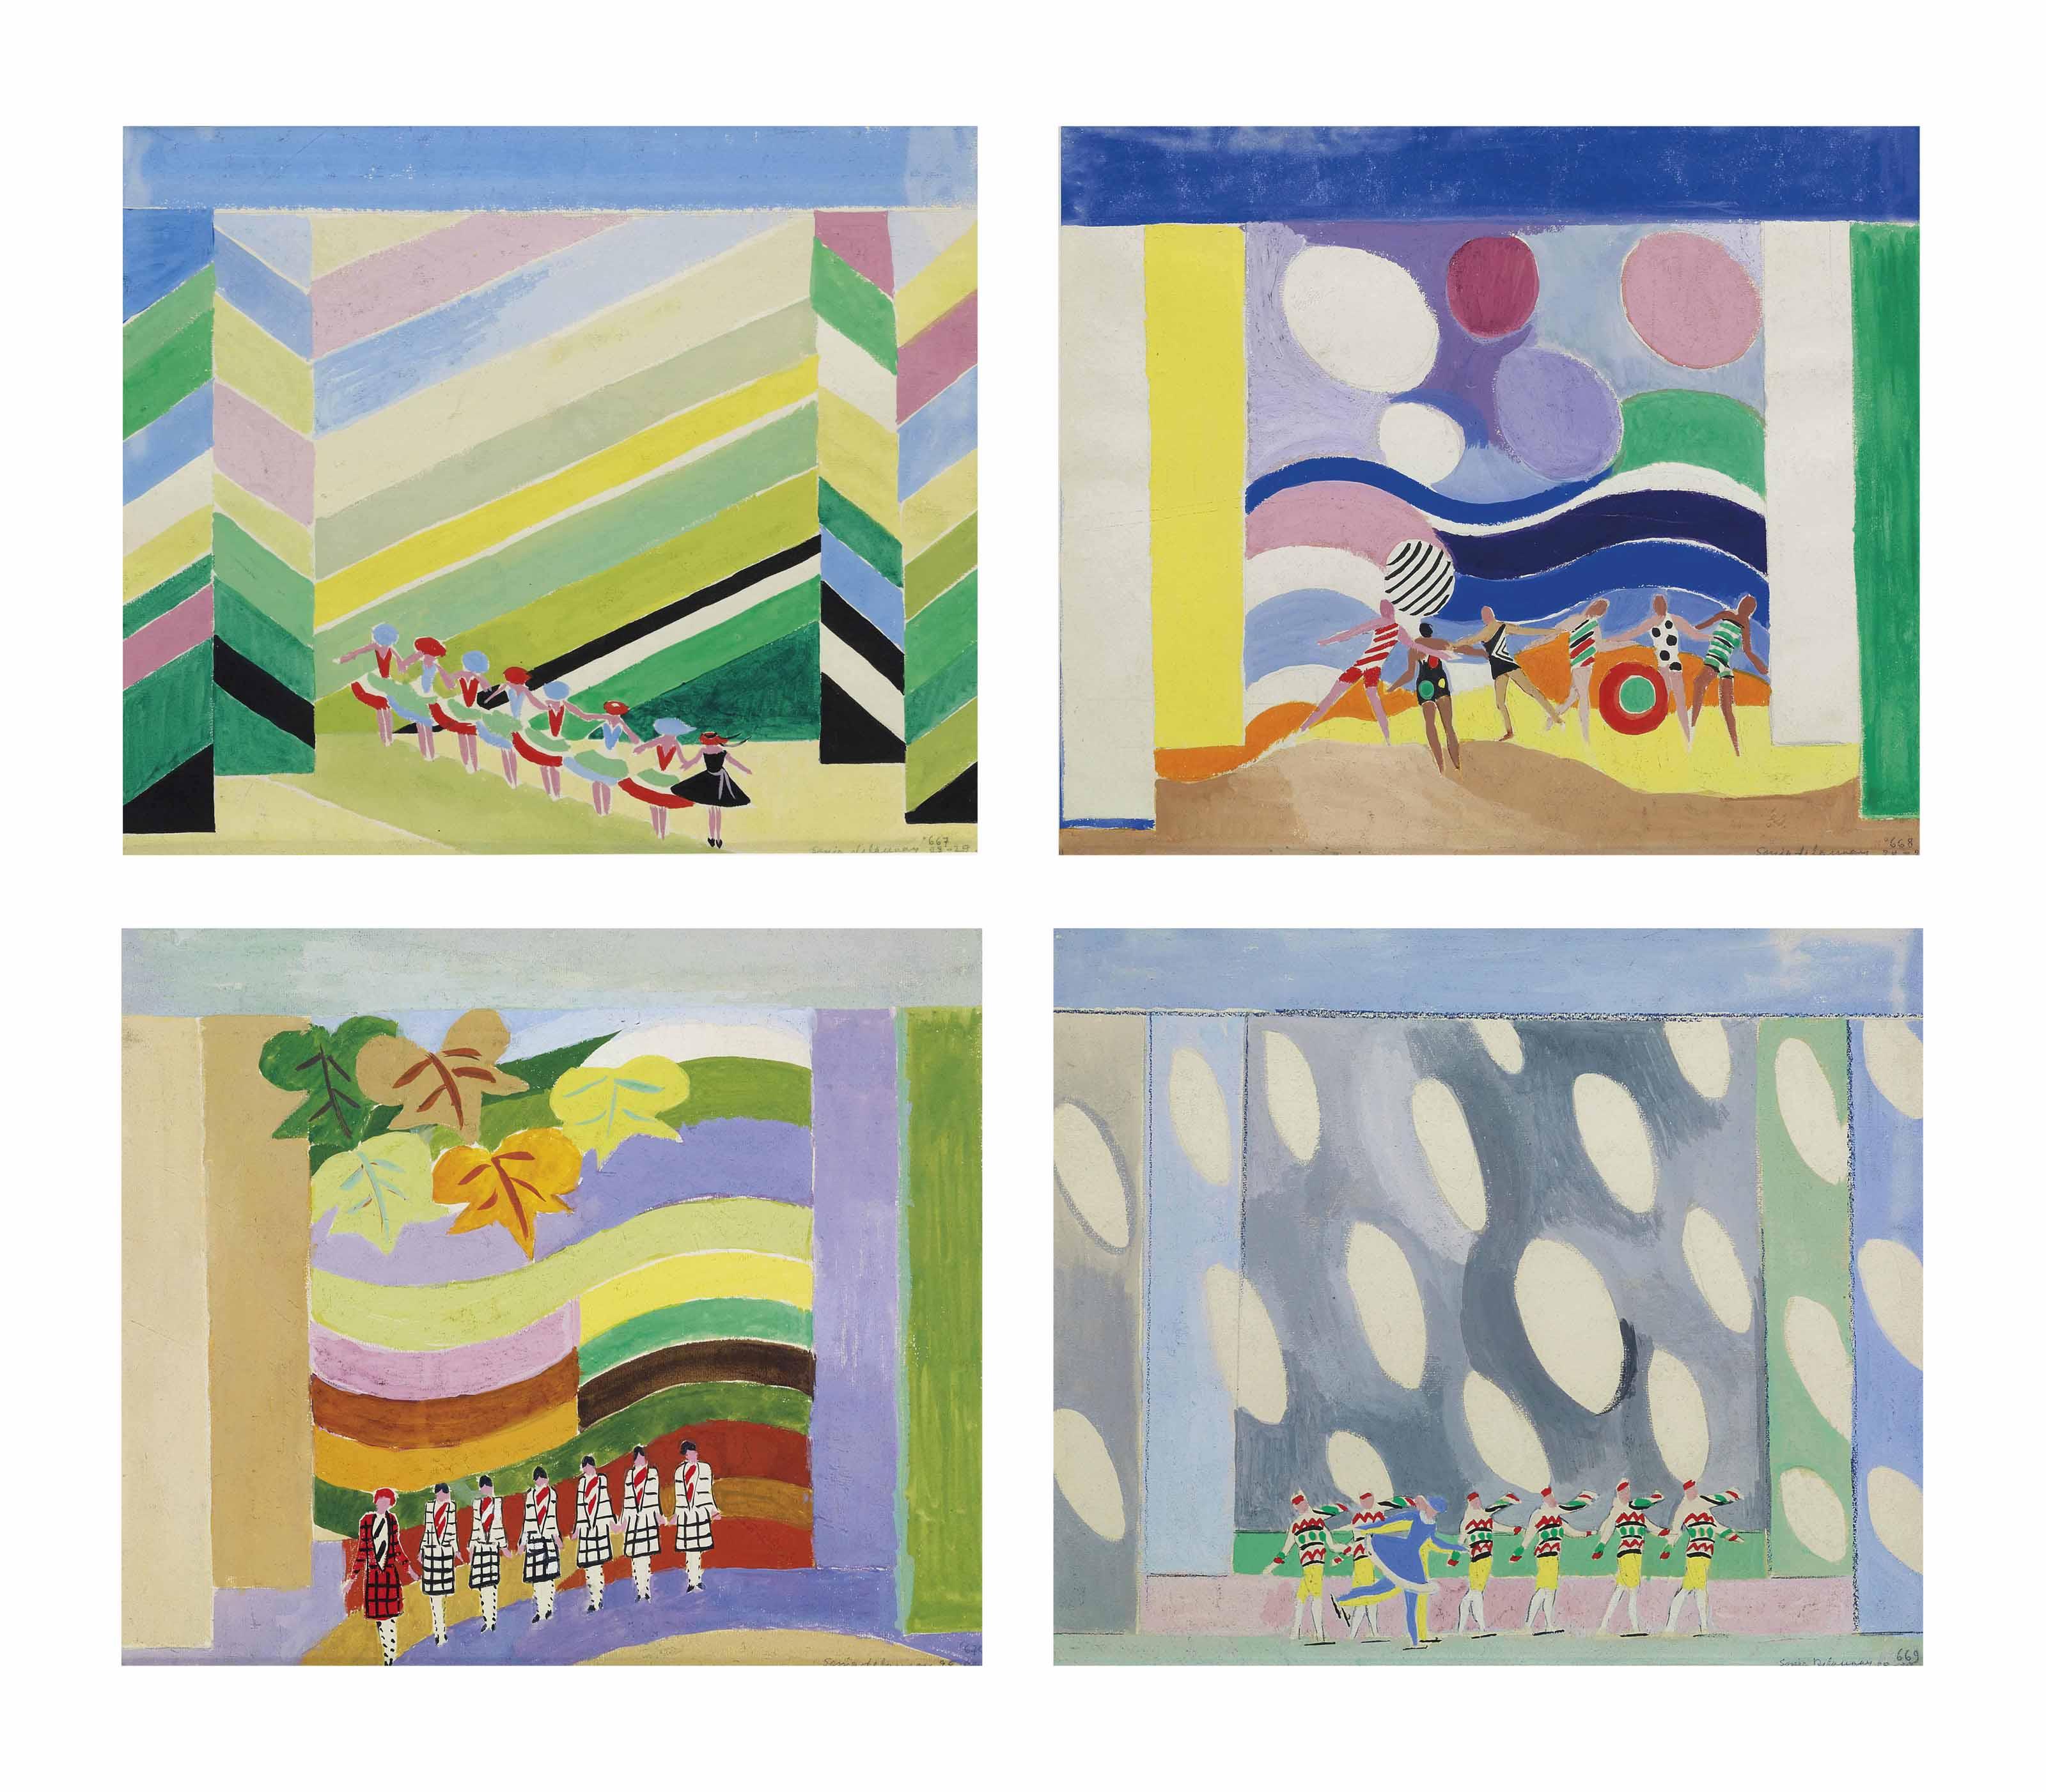 Projet de décor pour les quatre saisons (Printemps, Eté, Automne, Hiver)